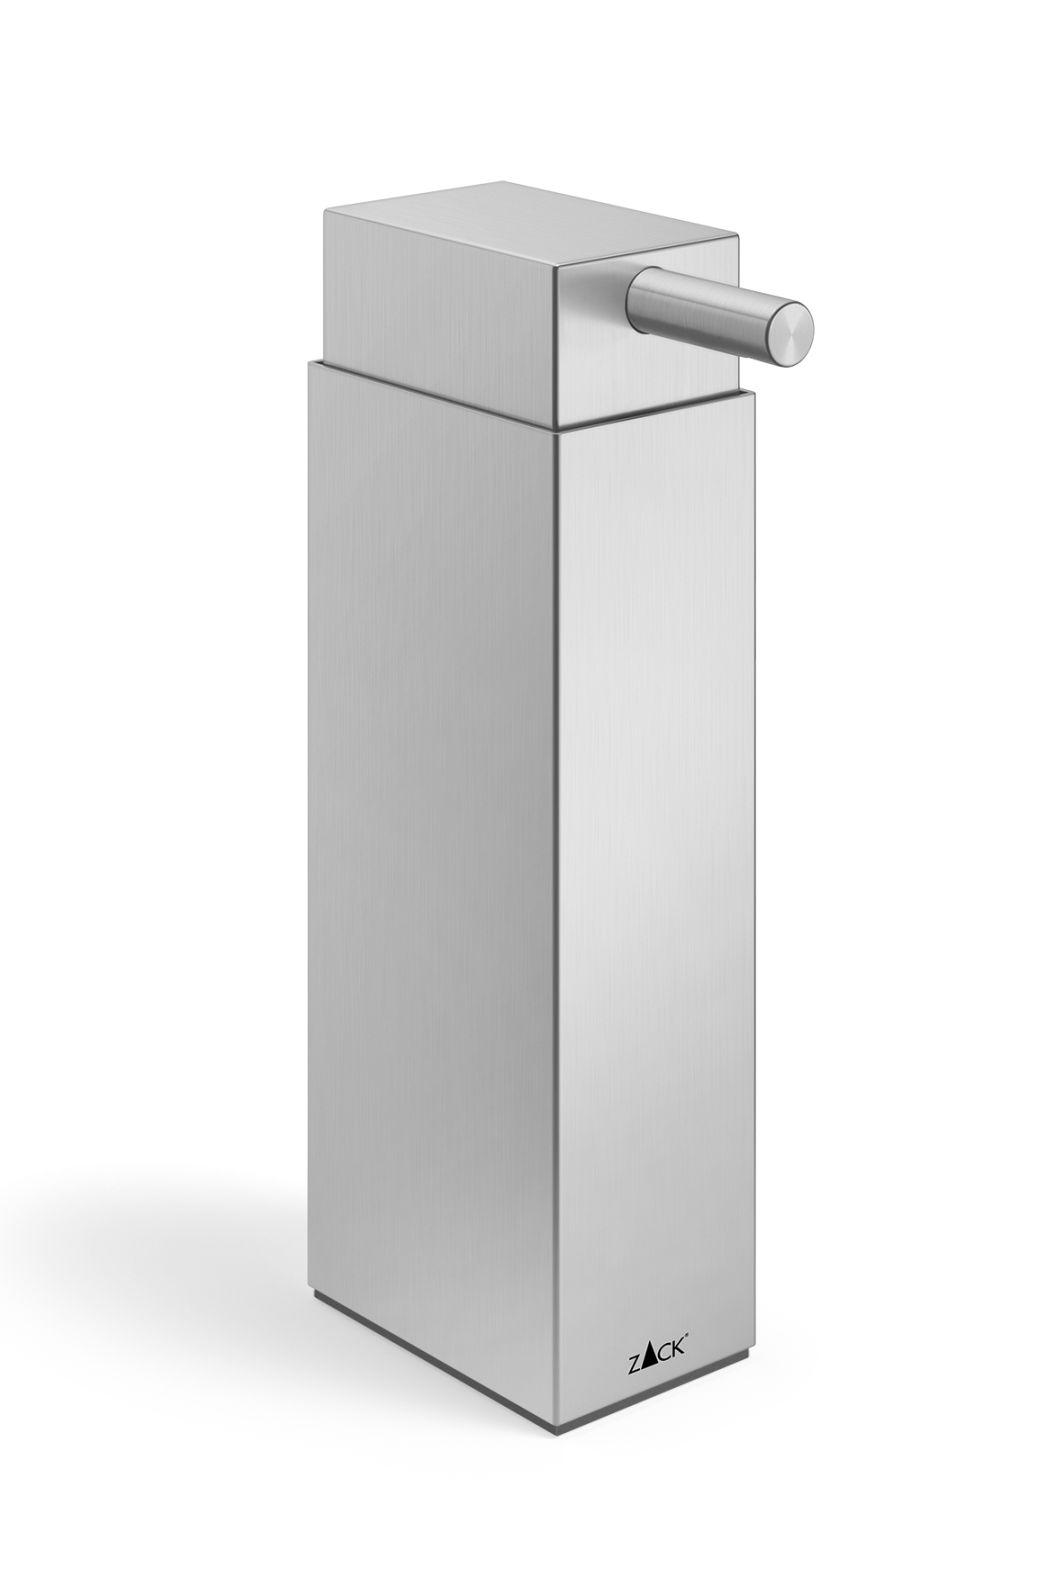 Dávkovač na mýdlo LINEA 190 ml, matný - ZACK